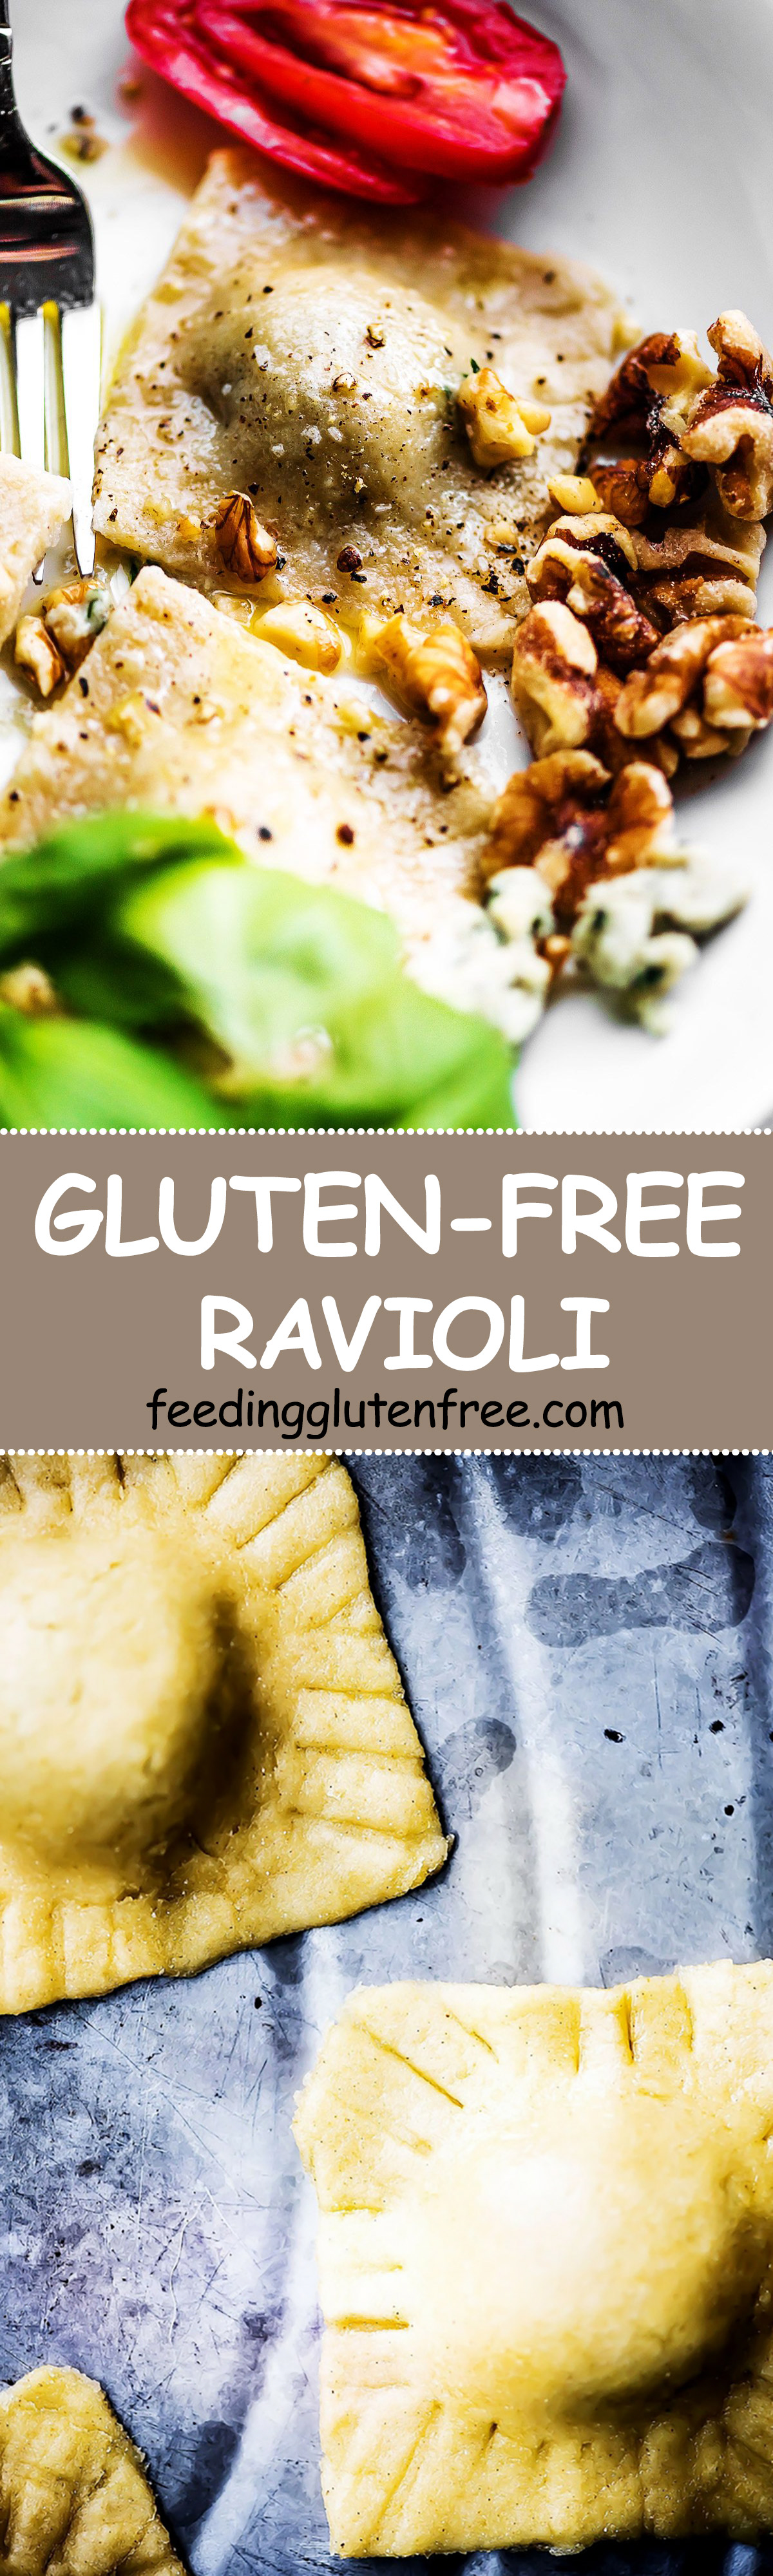 Easy GlutenFree Ravioli Gluten free ravioli, Ravioli